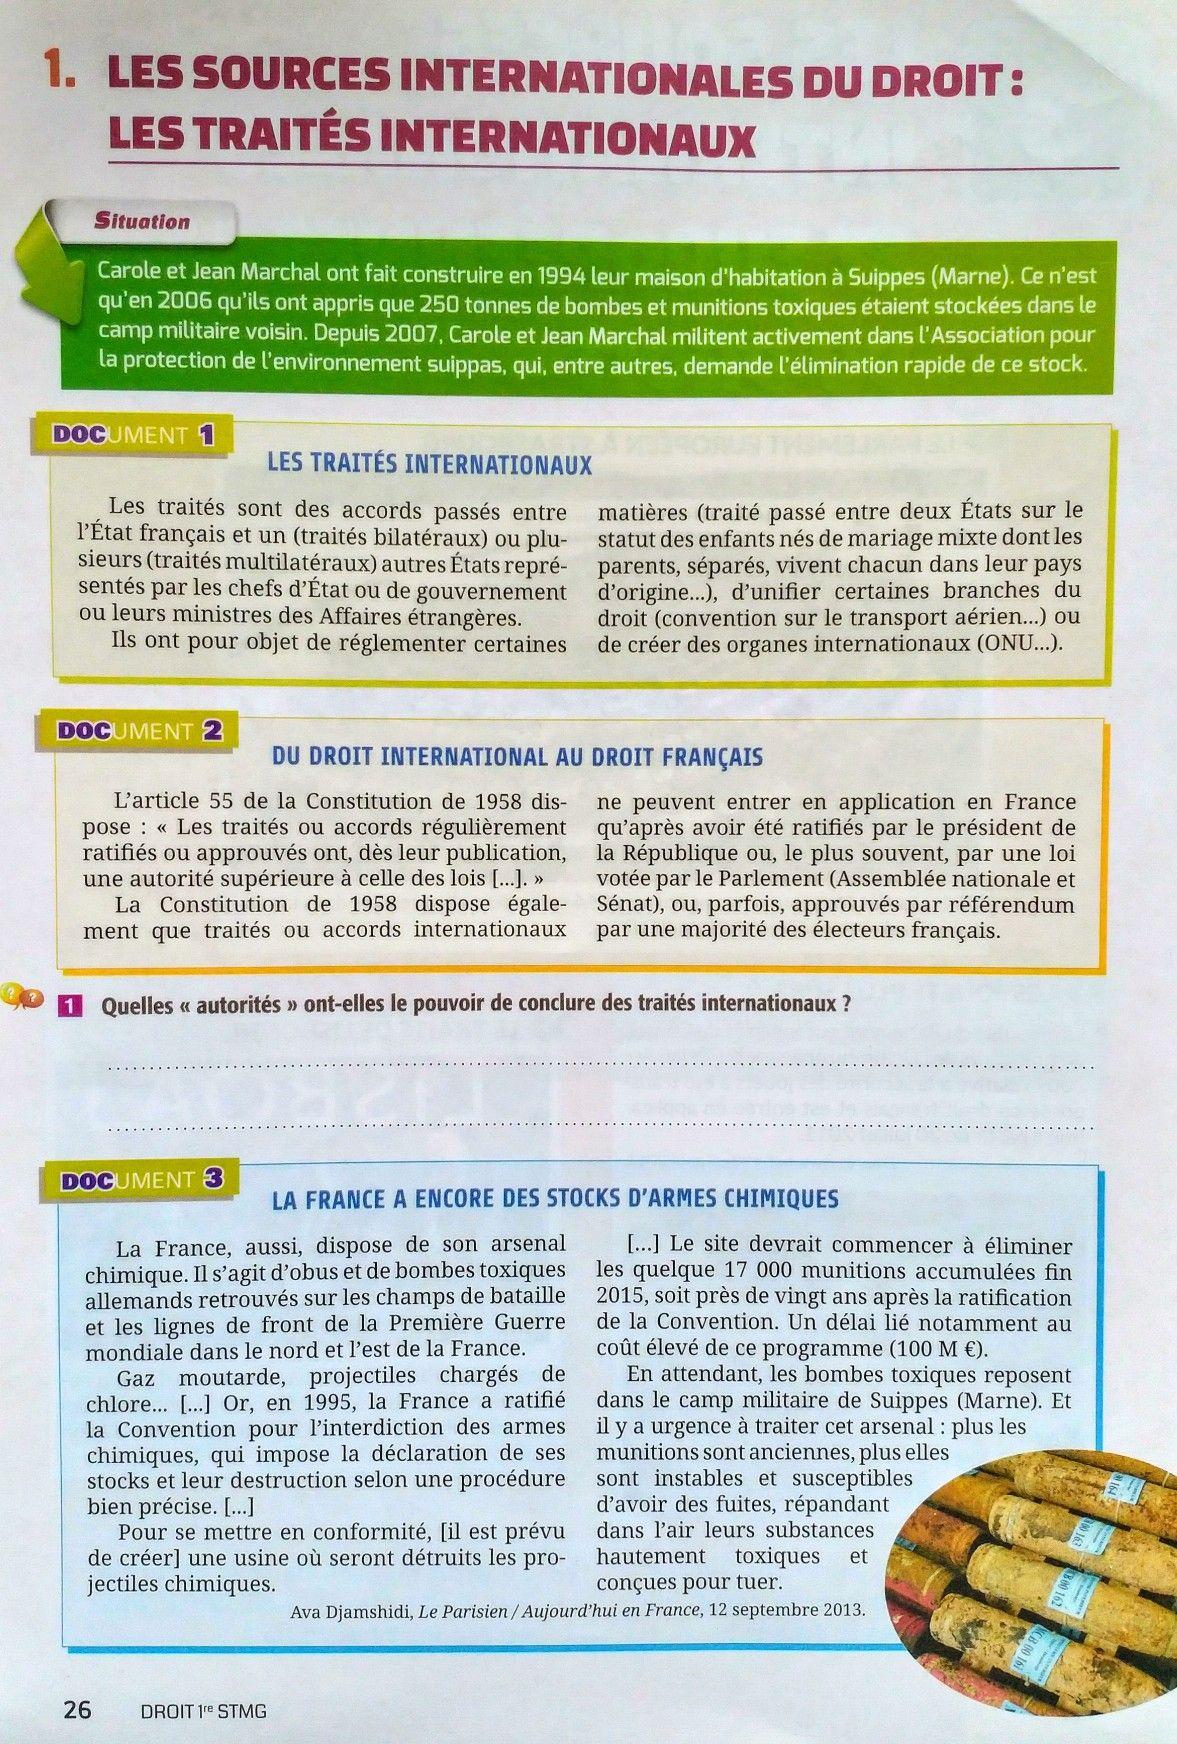 Annexe 2 Cour De Droit Sociologie Separation Pouvoir Dissertation Constitutionnel